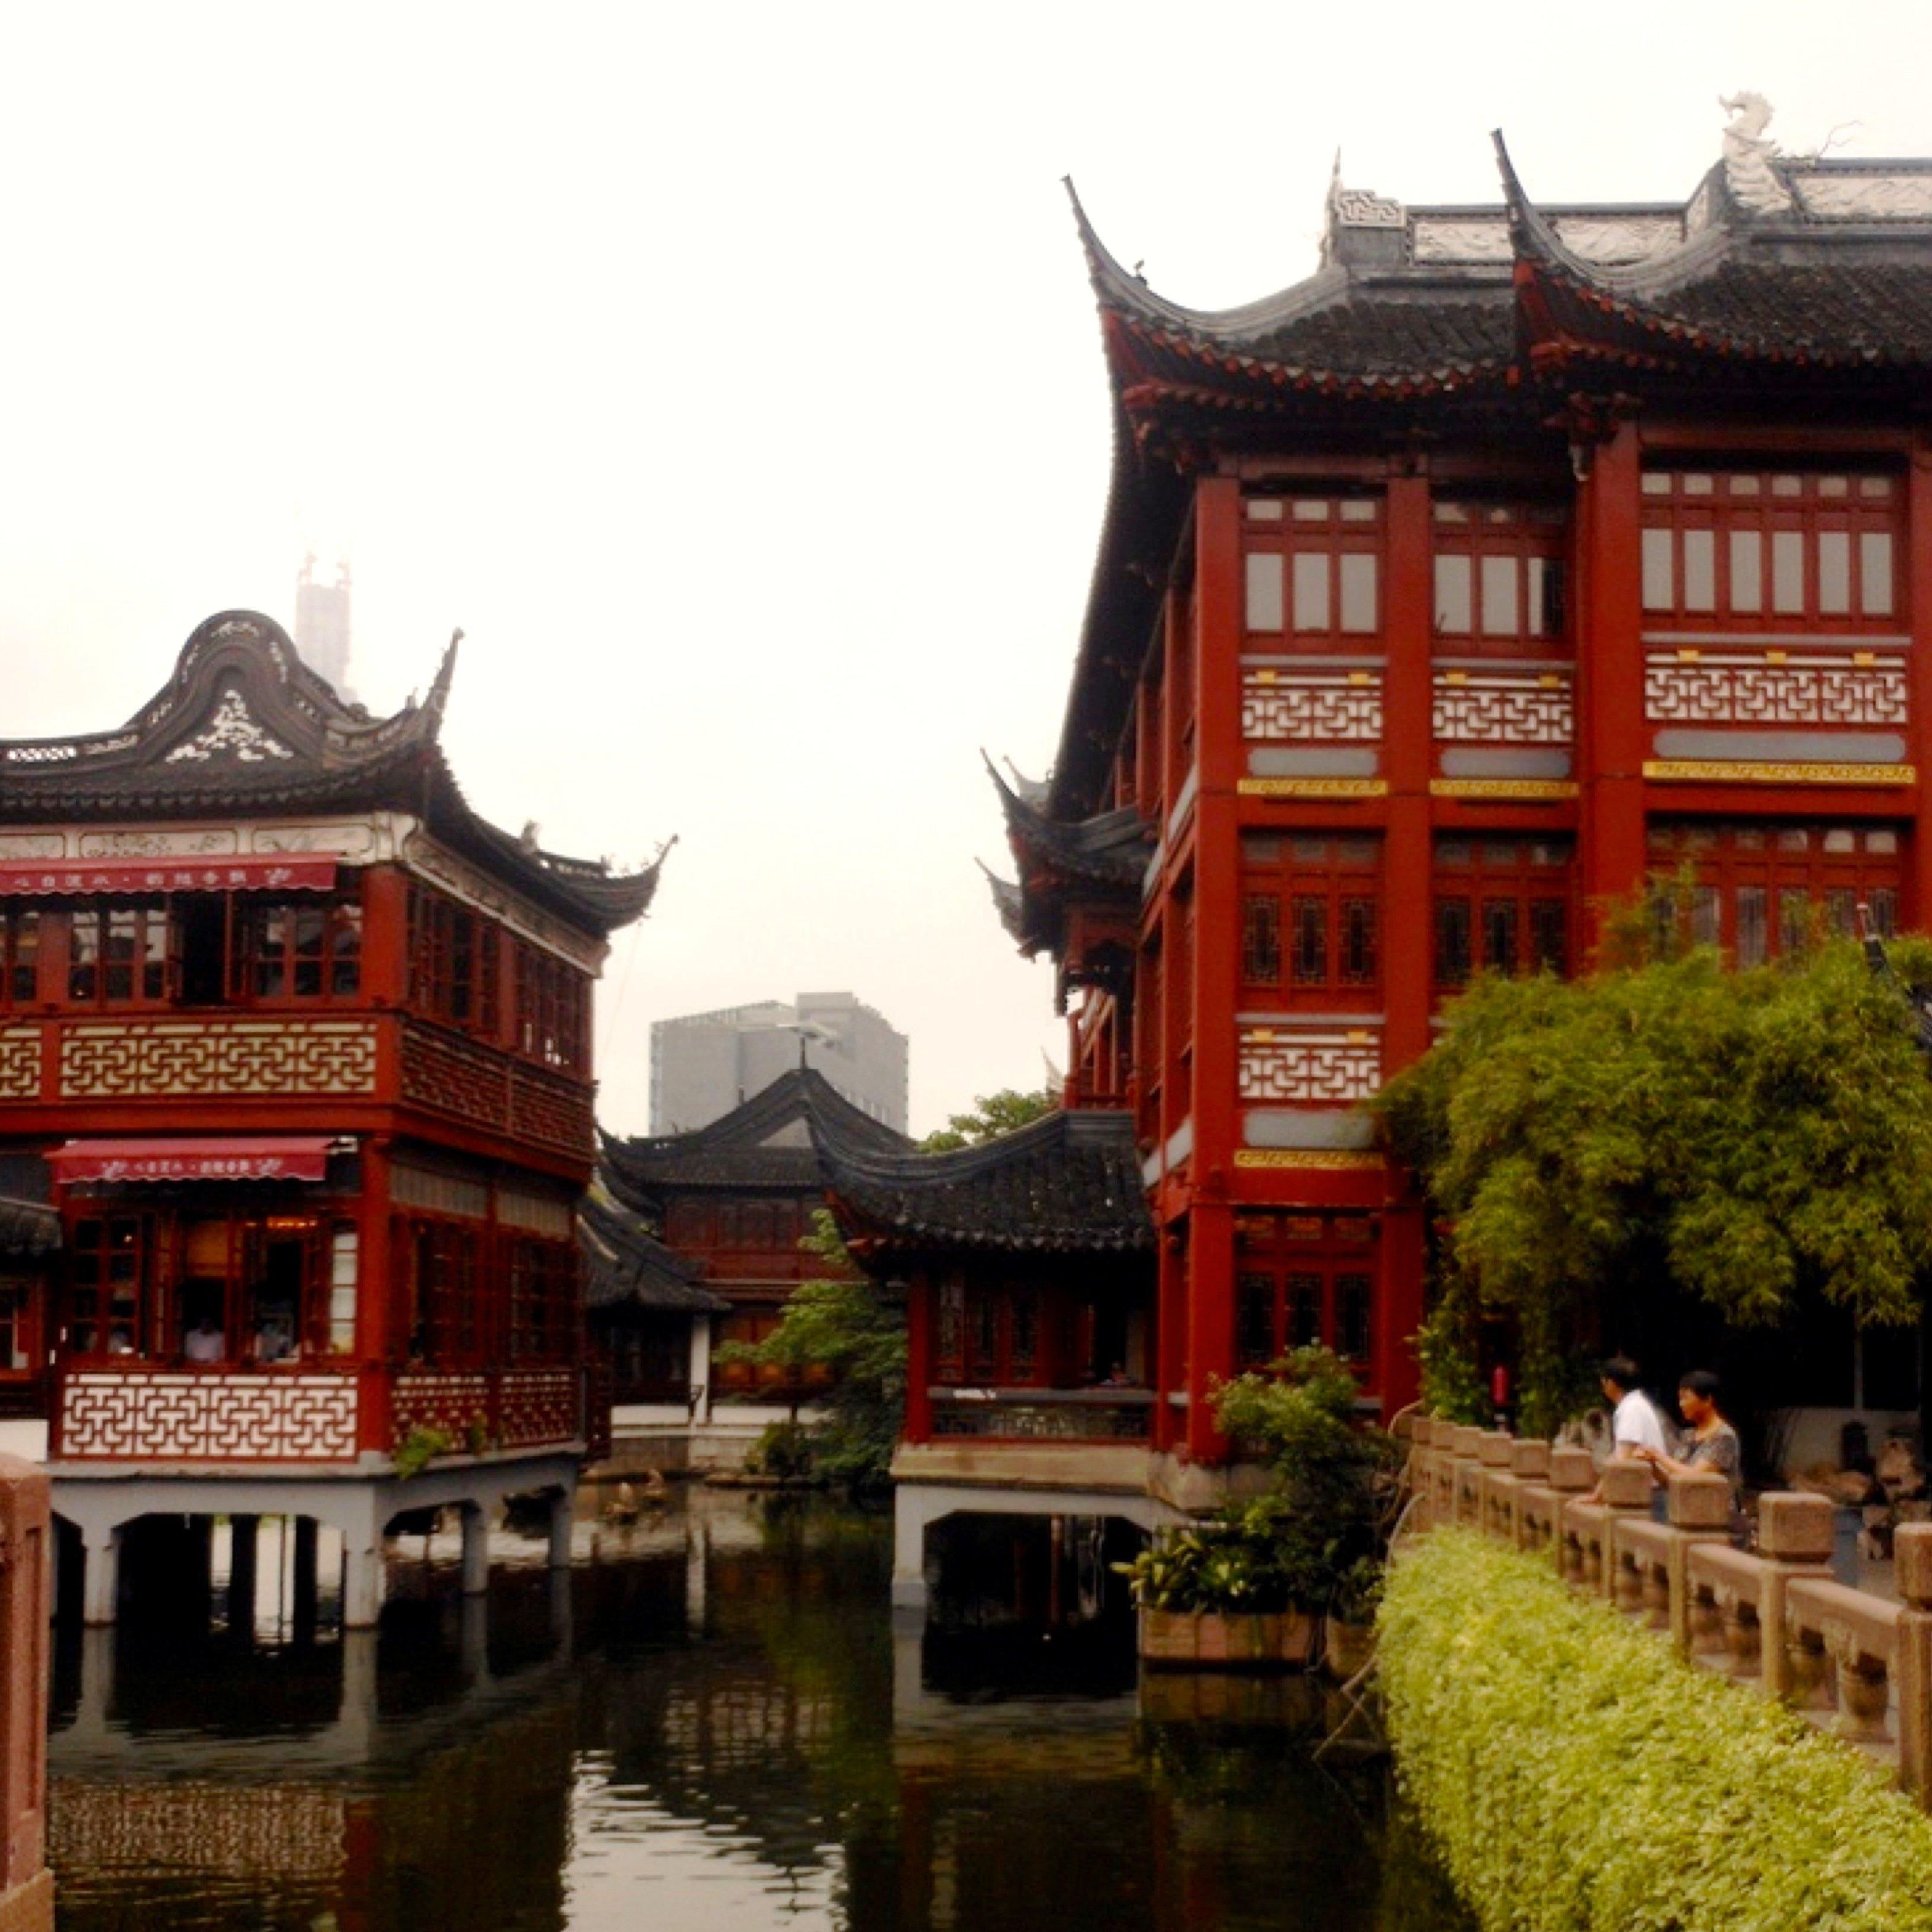 Viaggio a shanghai cosa vedere blog di viaggi - Giardino del mandarino yu ...